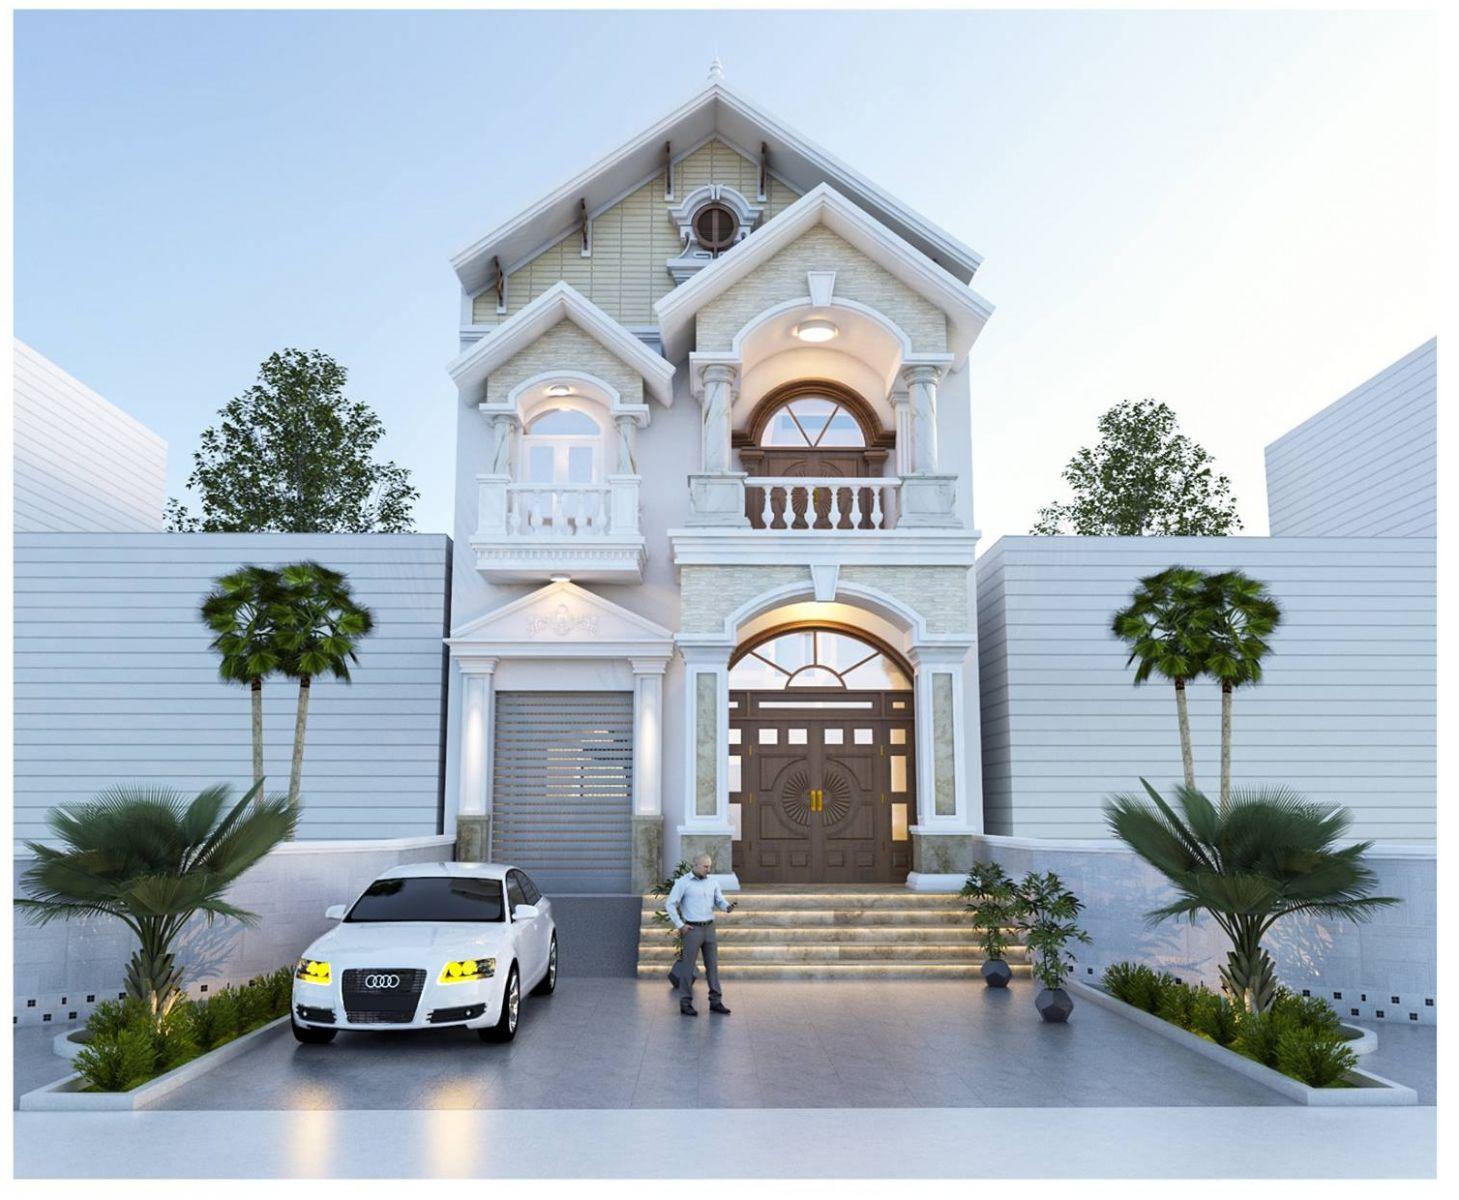 Nhà mặt phố mái thái 2 tầng – Mẫu thiết kế tiết kiệm + vẻ đẹp sang trọng